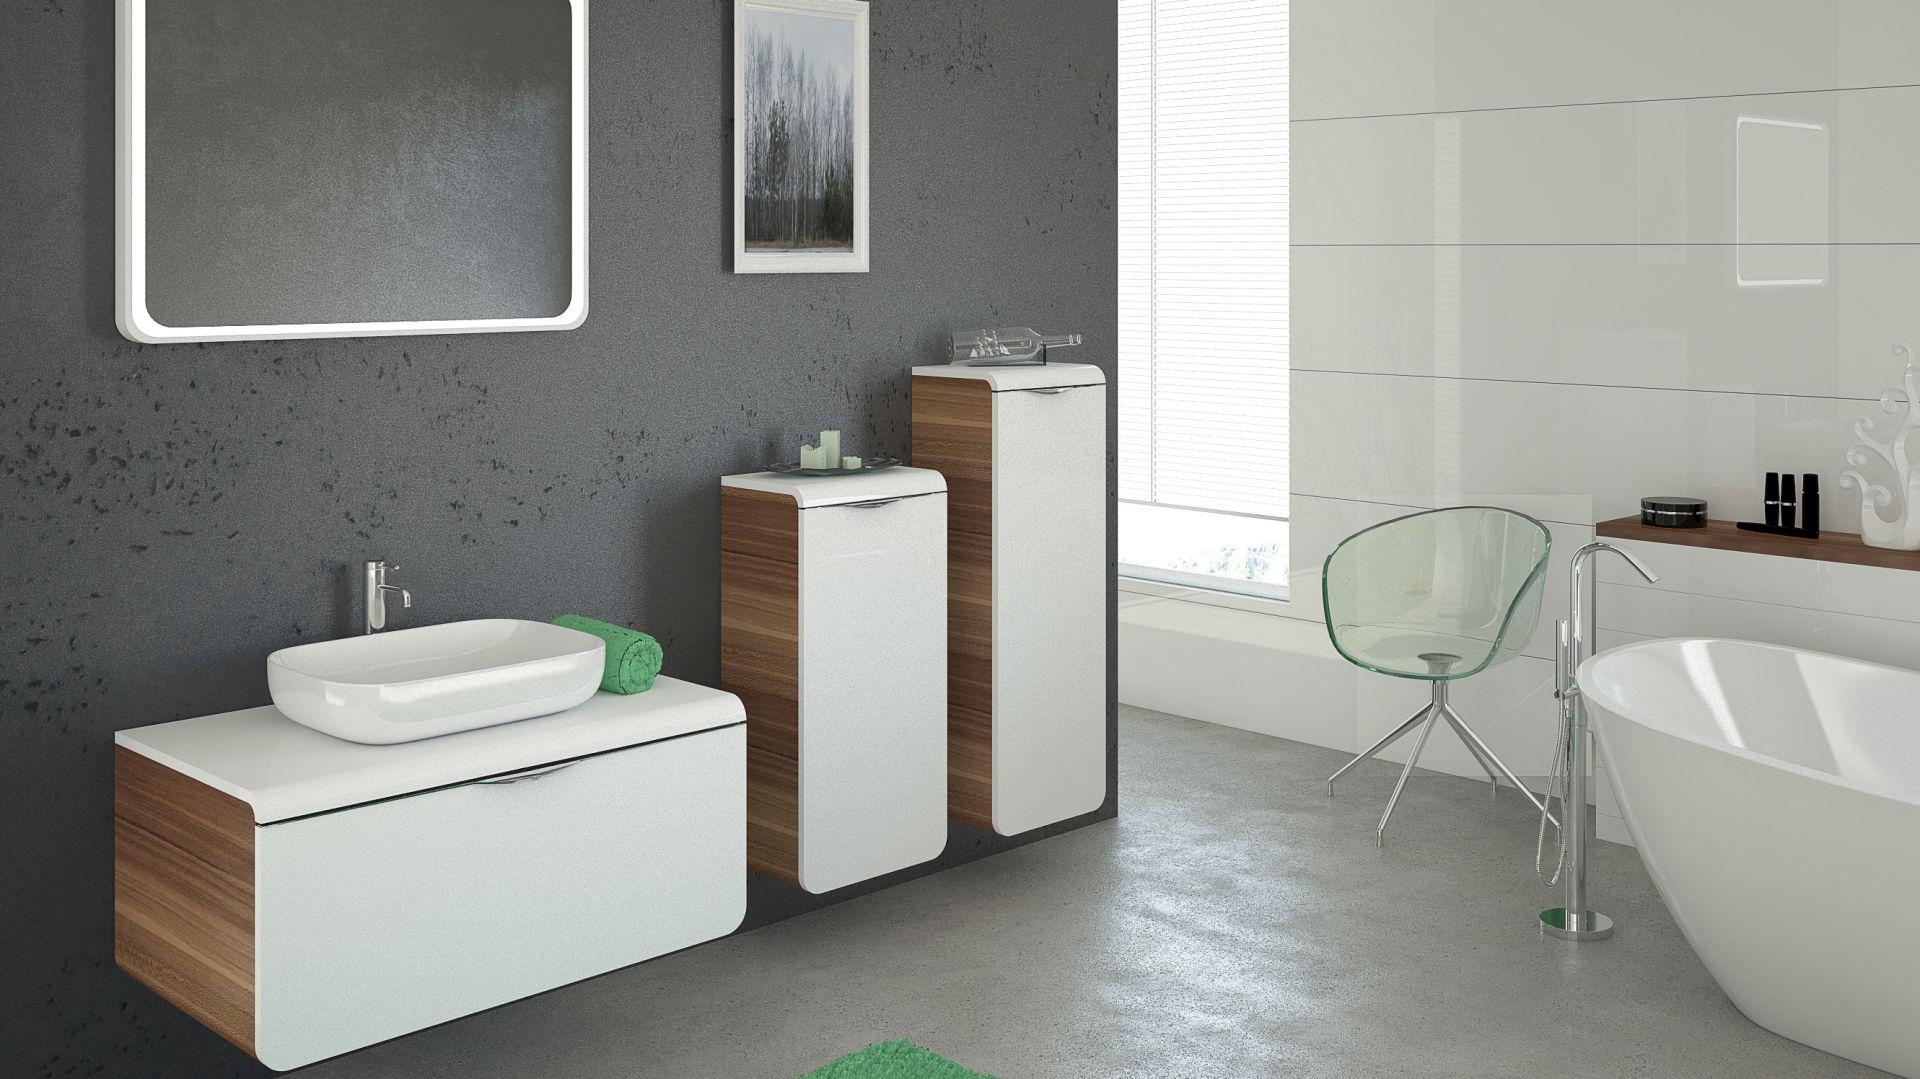 Meble łazienkowe Mocca marki Devo to eleganckie połączenie lakierowanej bieli o drewnianego dekoru. Fot. Devo; www.devo.pl